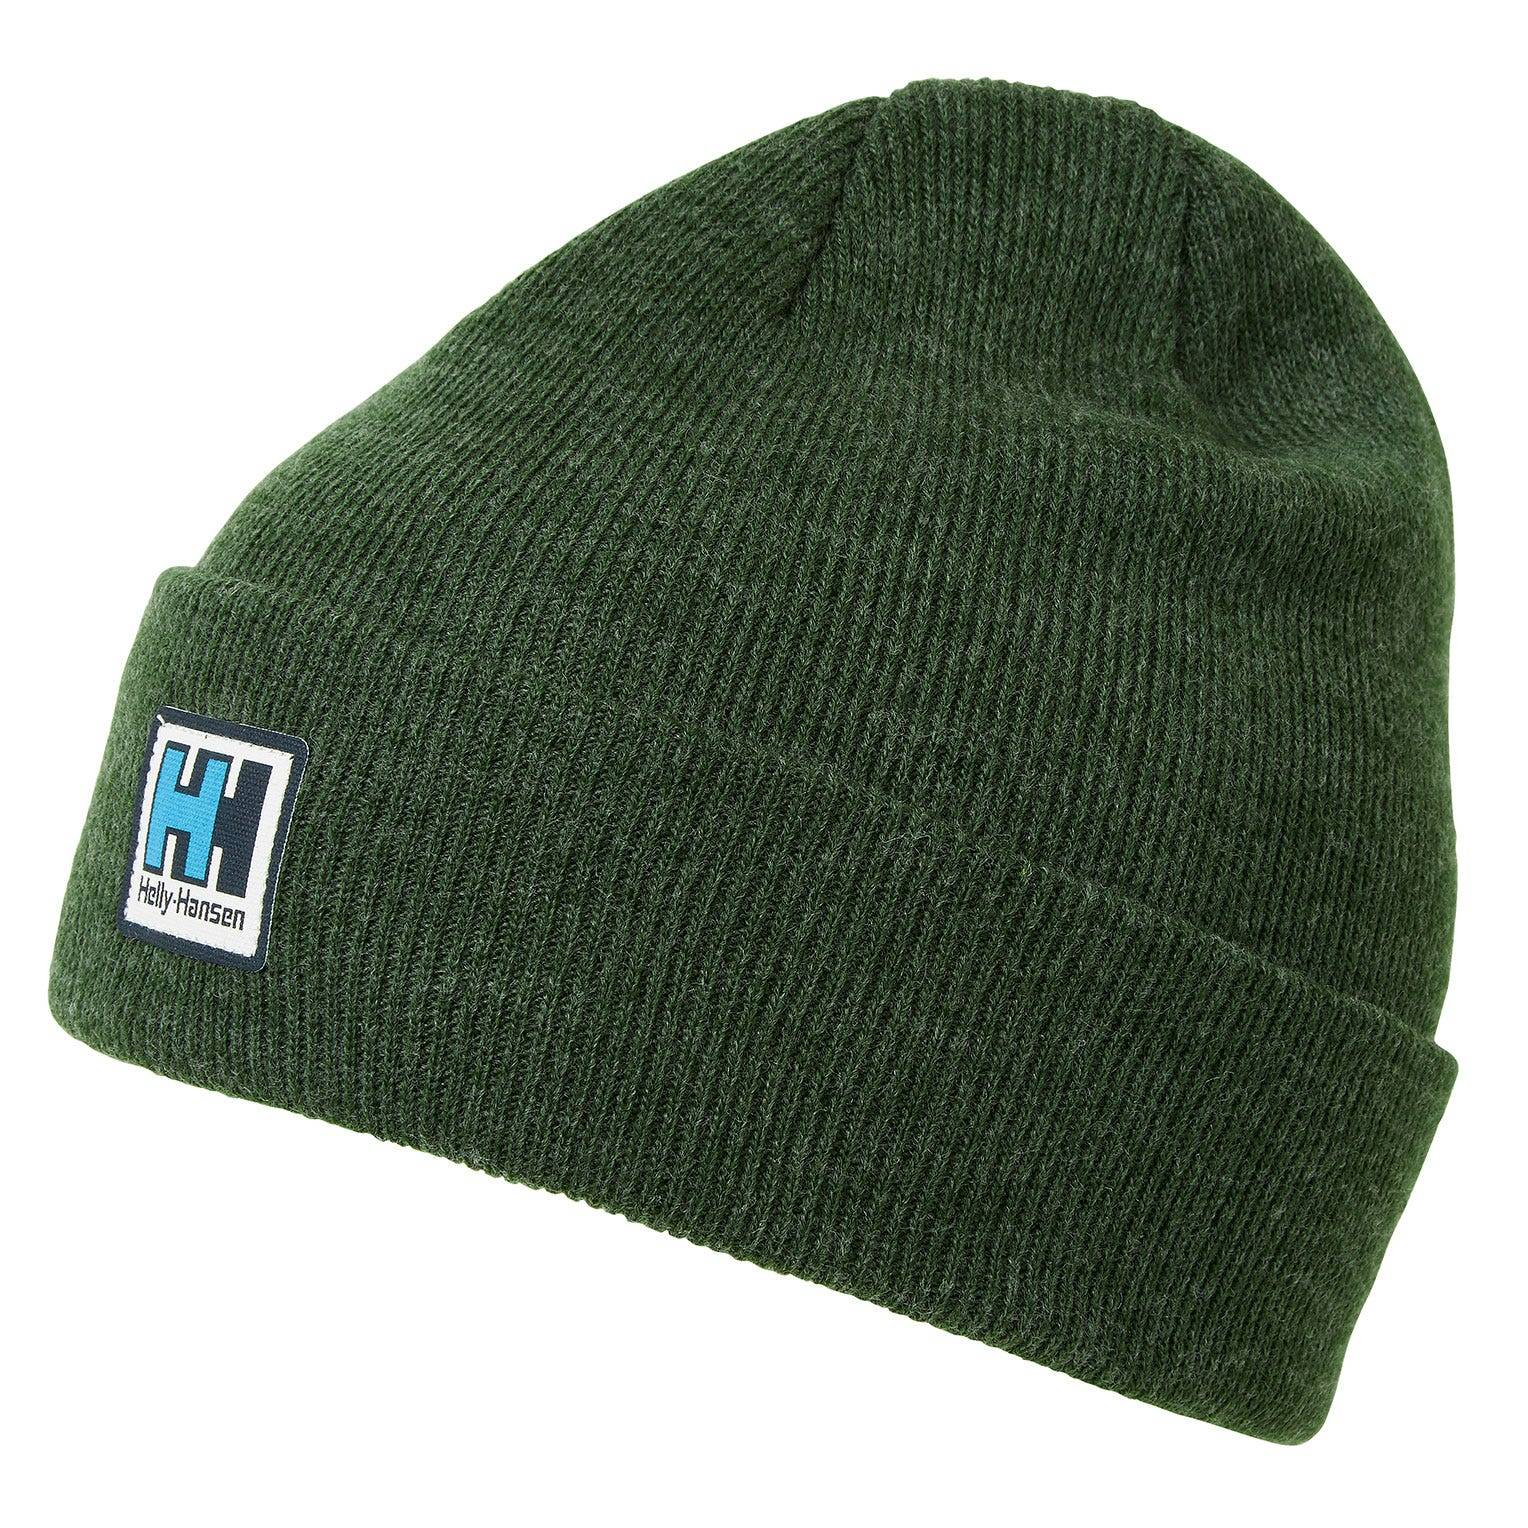 Helly Hansen Knitted Beanie Green STD